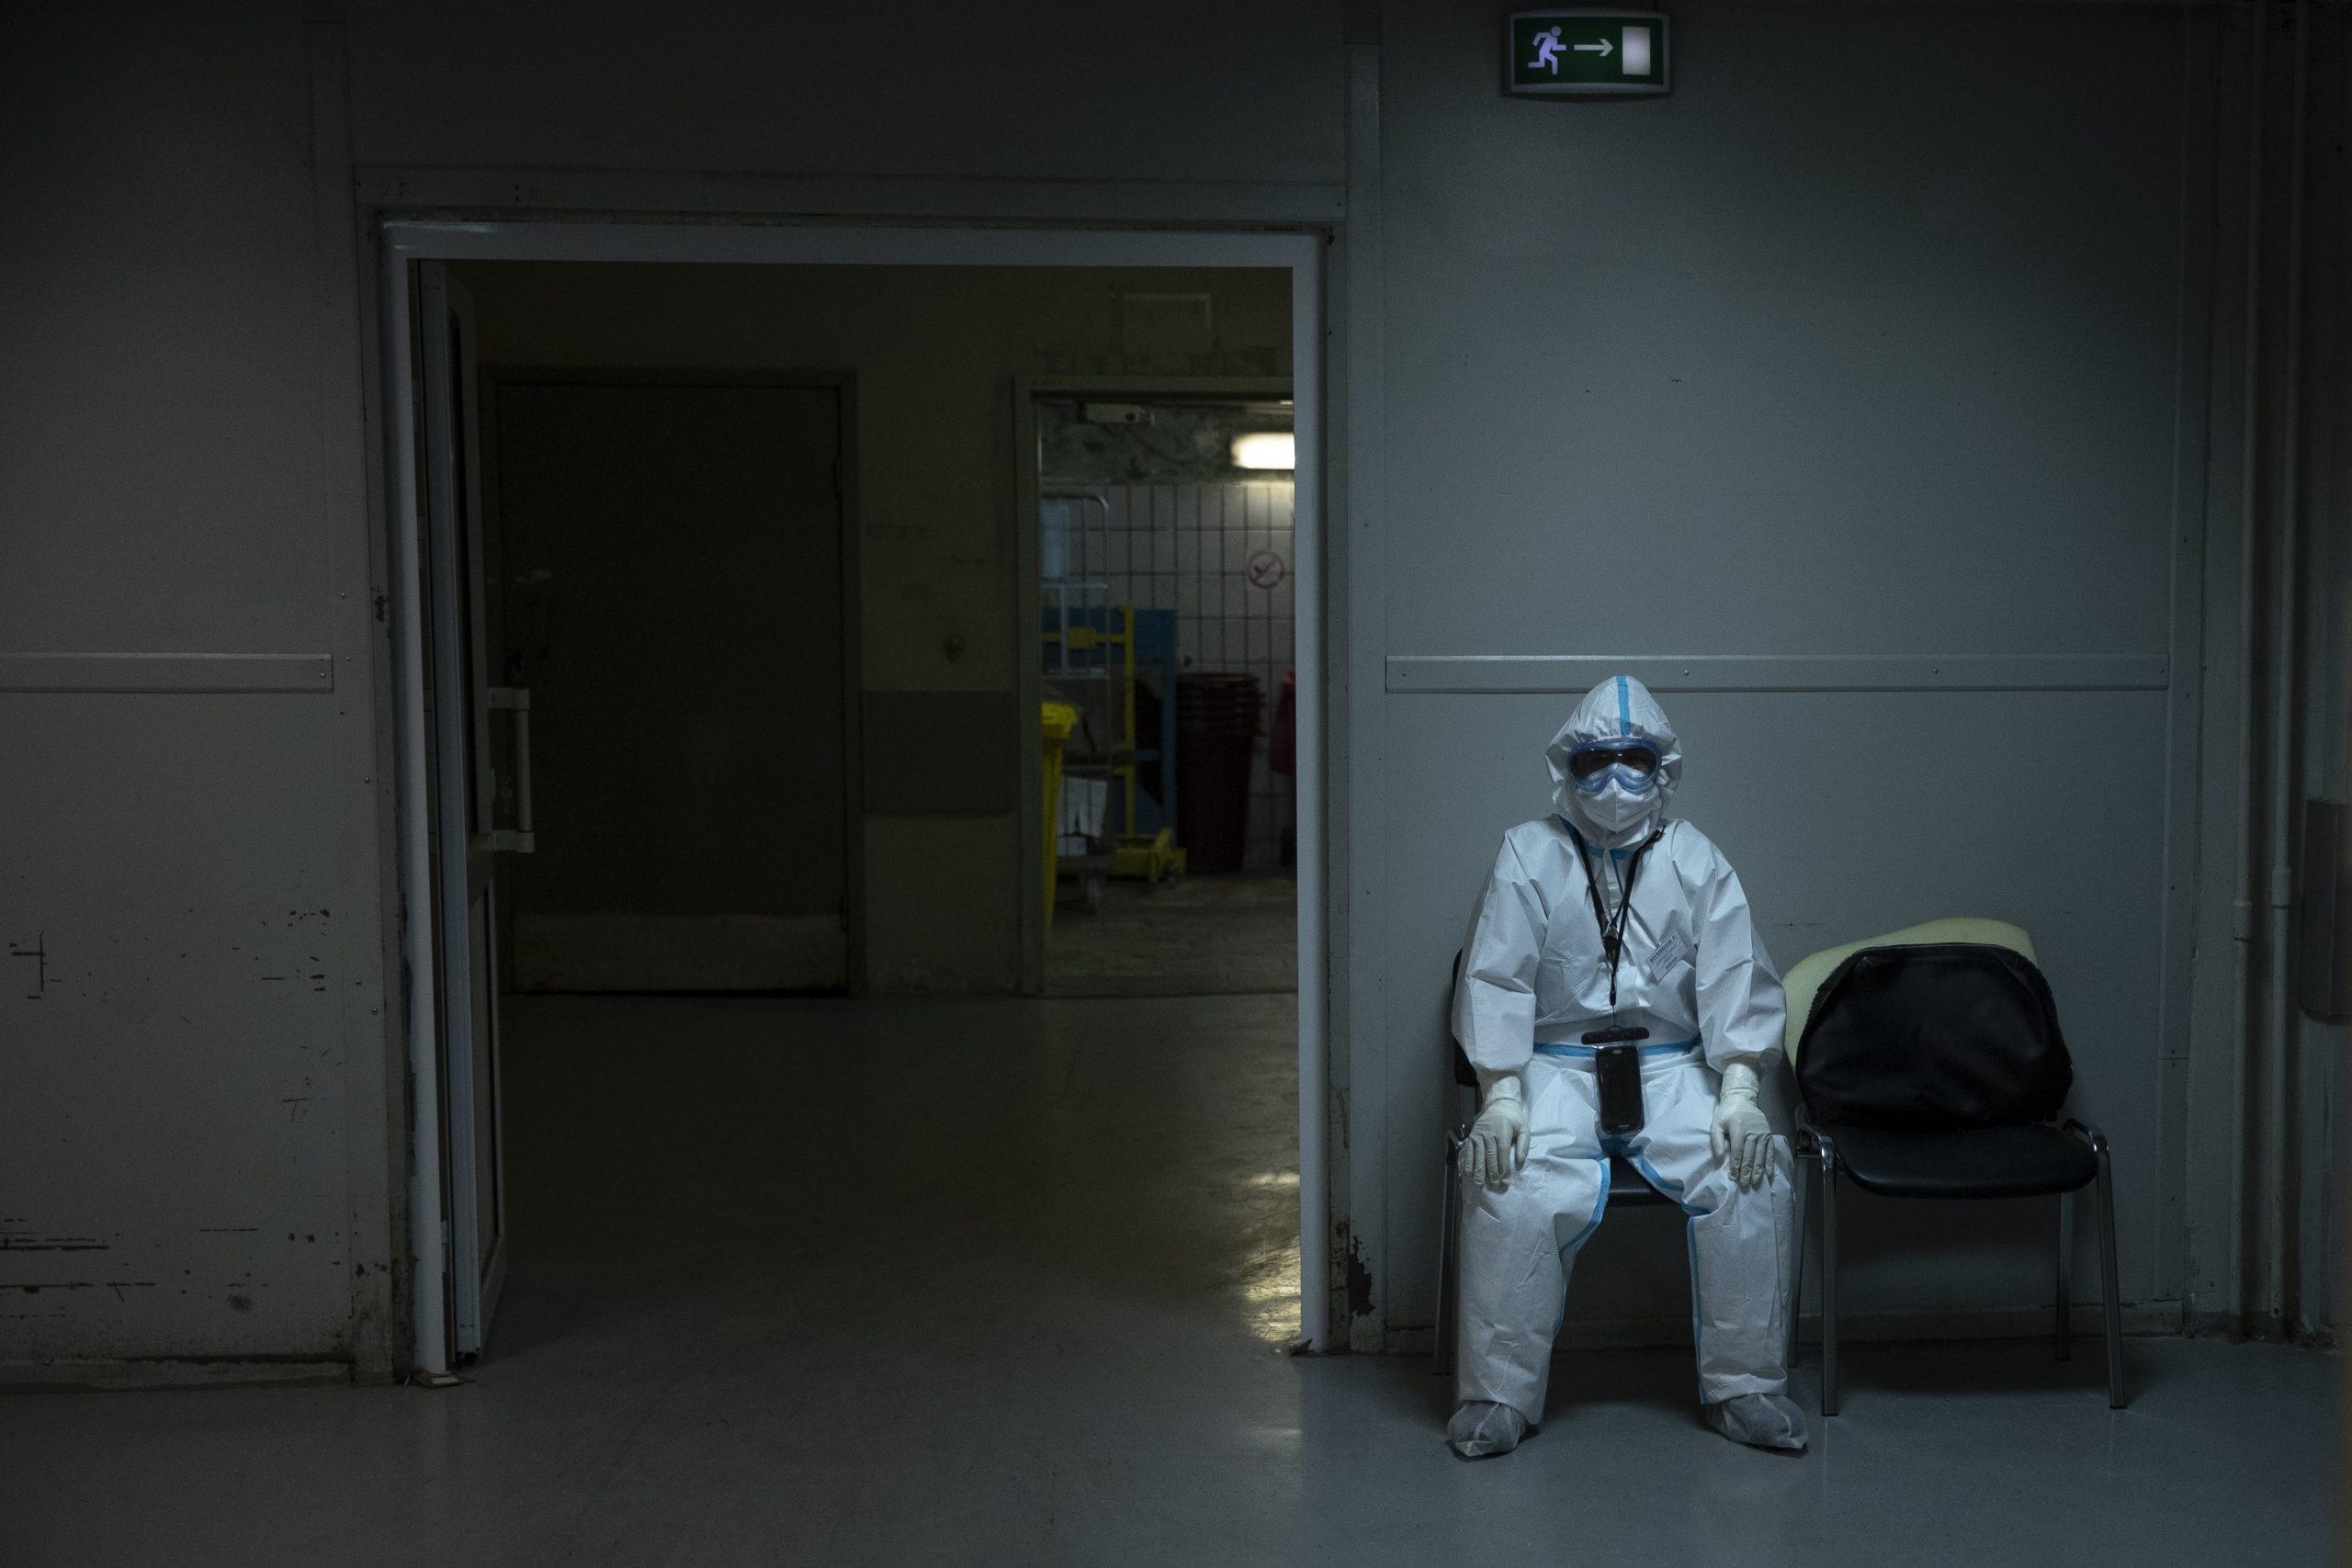 Un bărbat din Mediaș, infectat cu COVID-19, a murit așteptând să se elibereze un pat la terapie intensivă